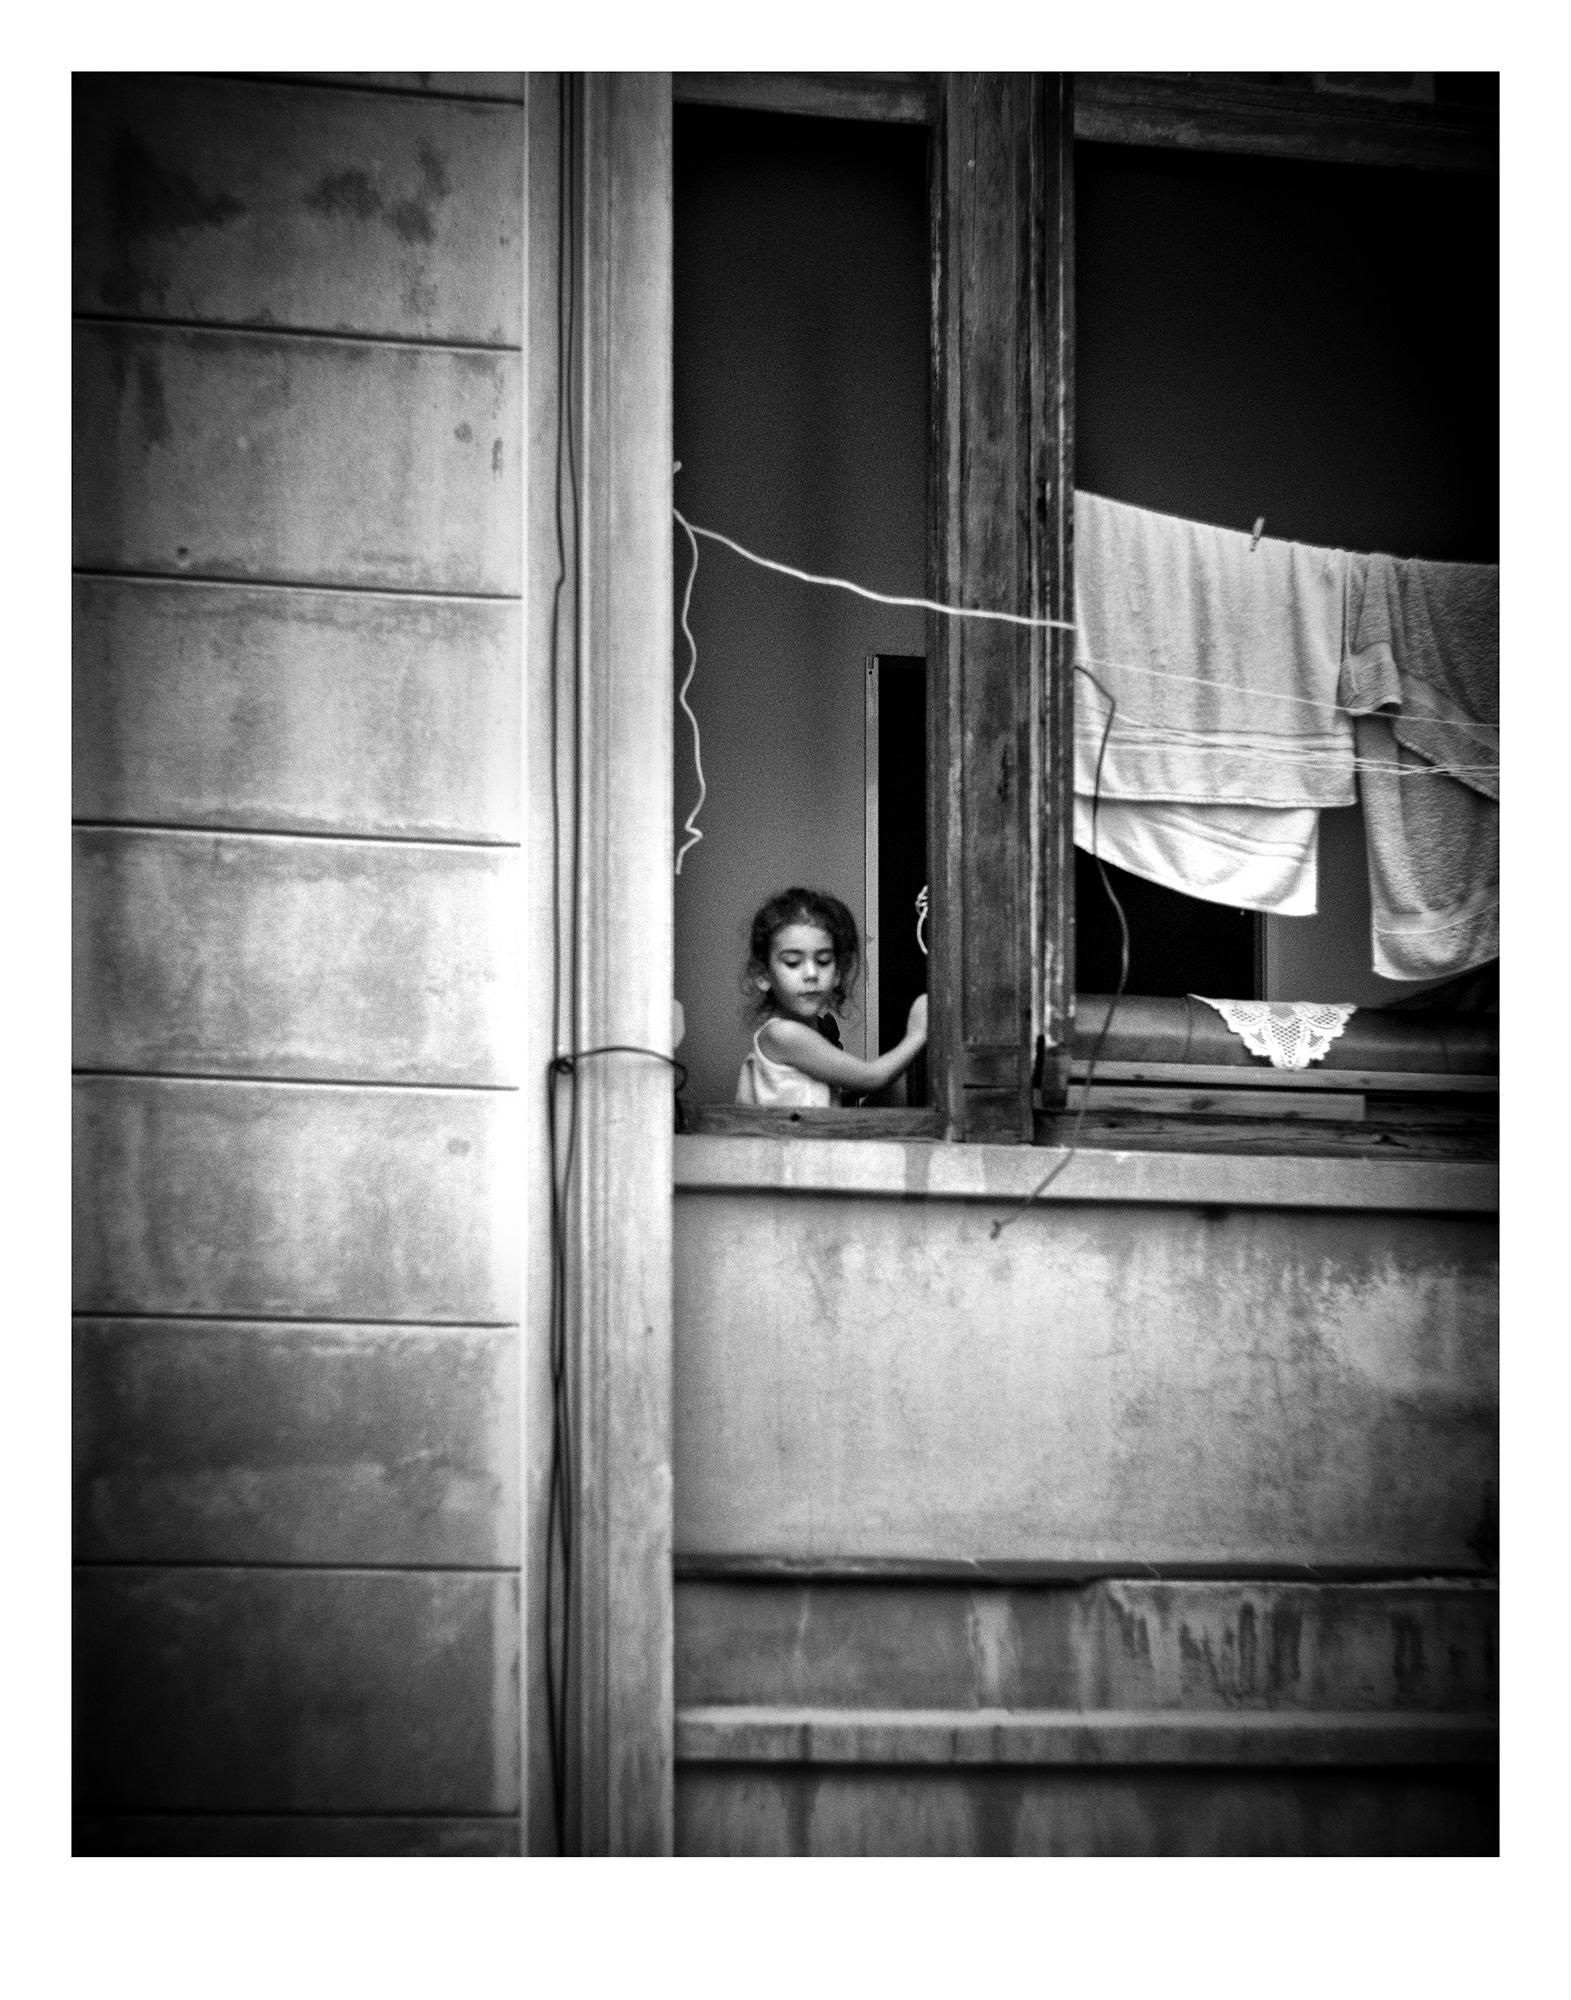 little-one-window.jpg